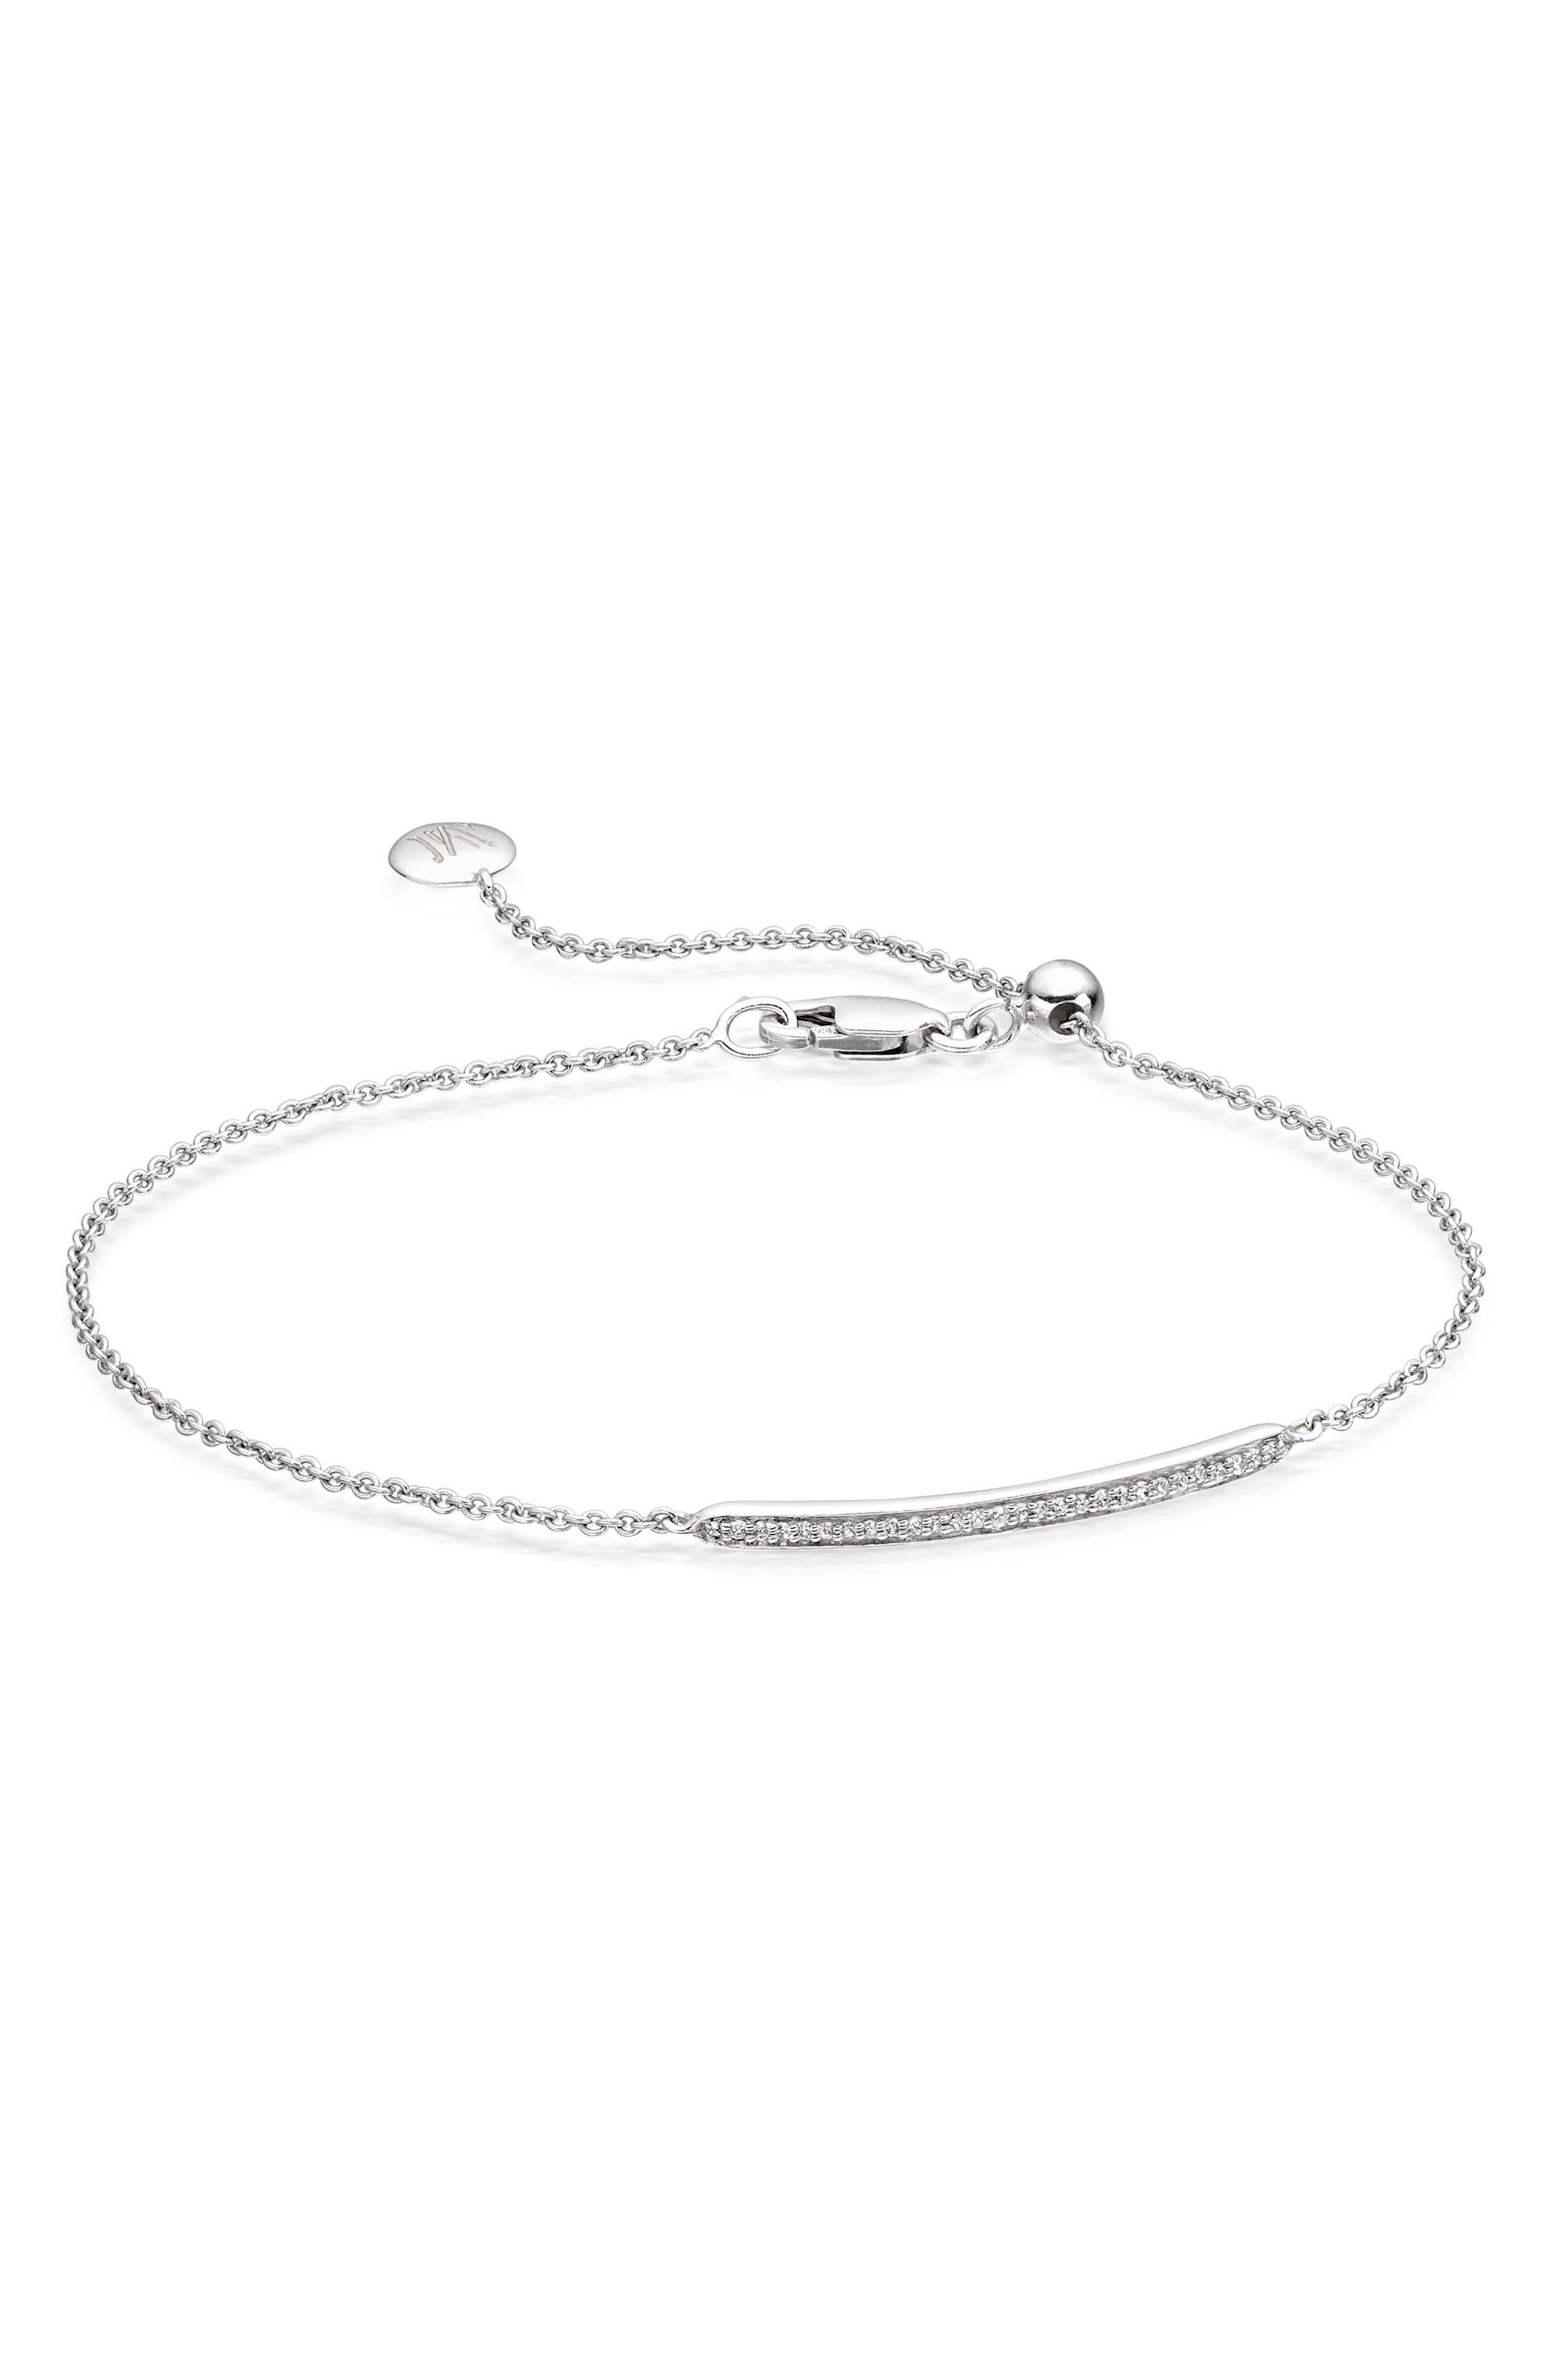 Skinny Diamond Bracelet,                             Main thumbnail 1, color,                             040